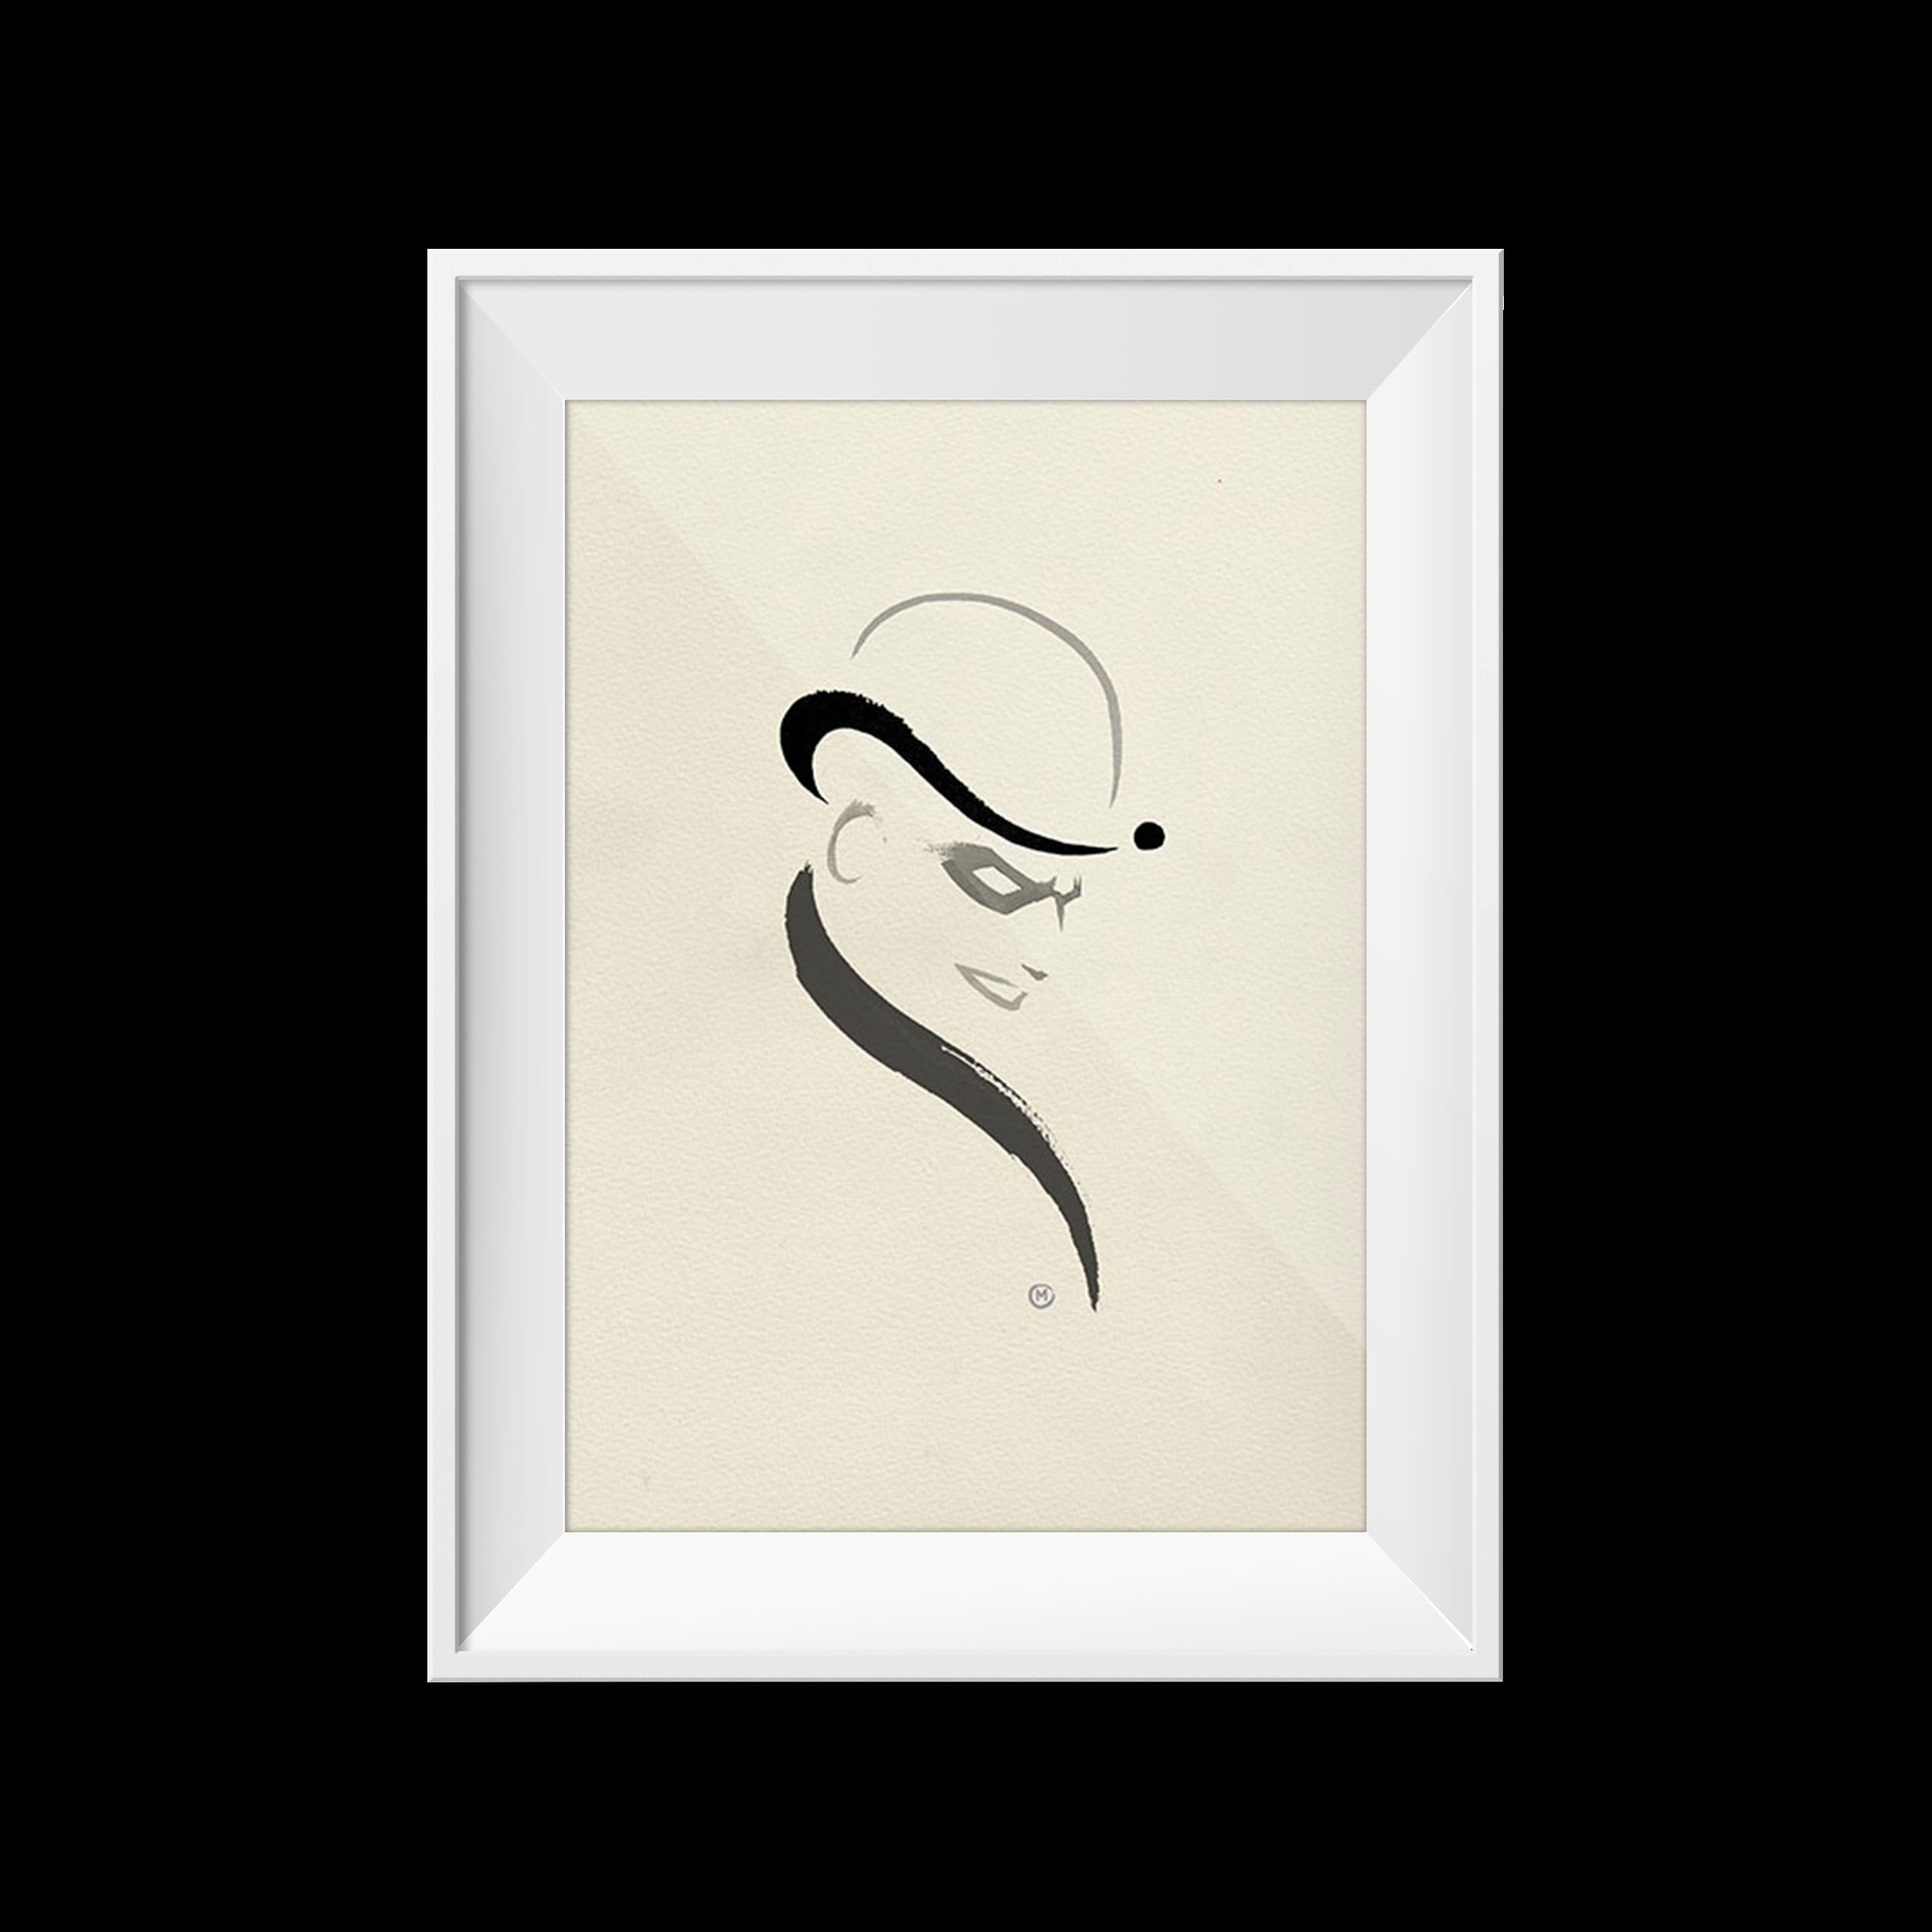 Riddler | Olly Moss | 8 x10